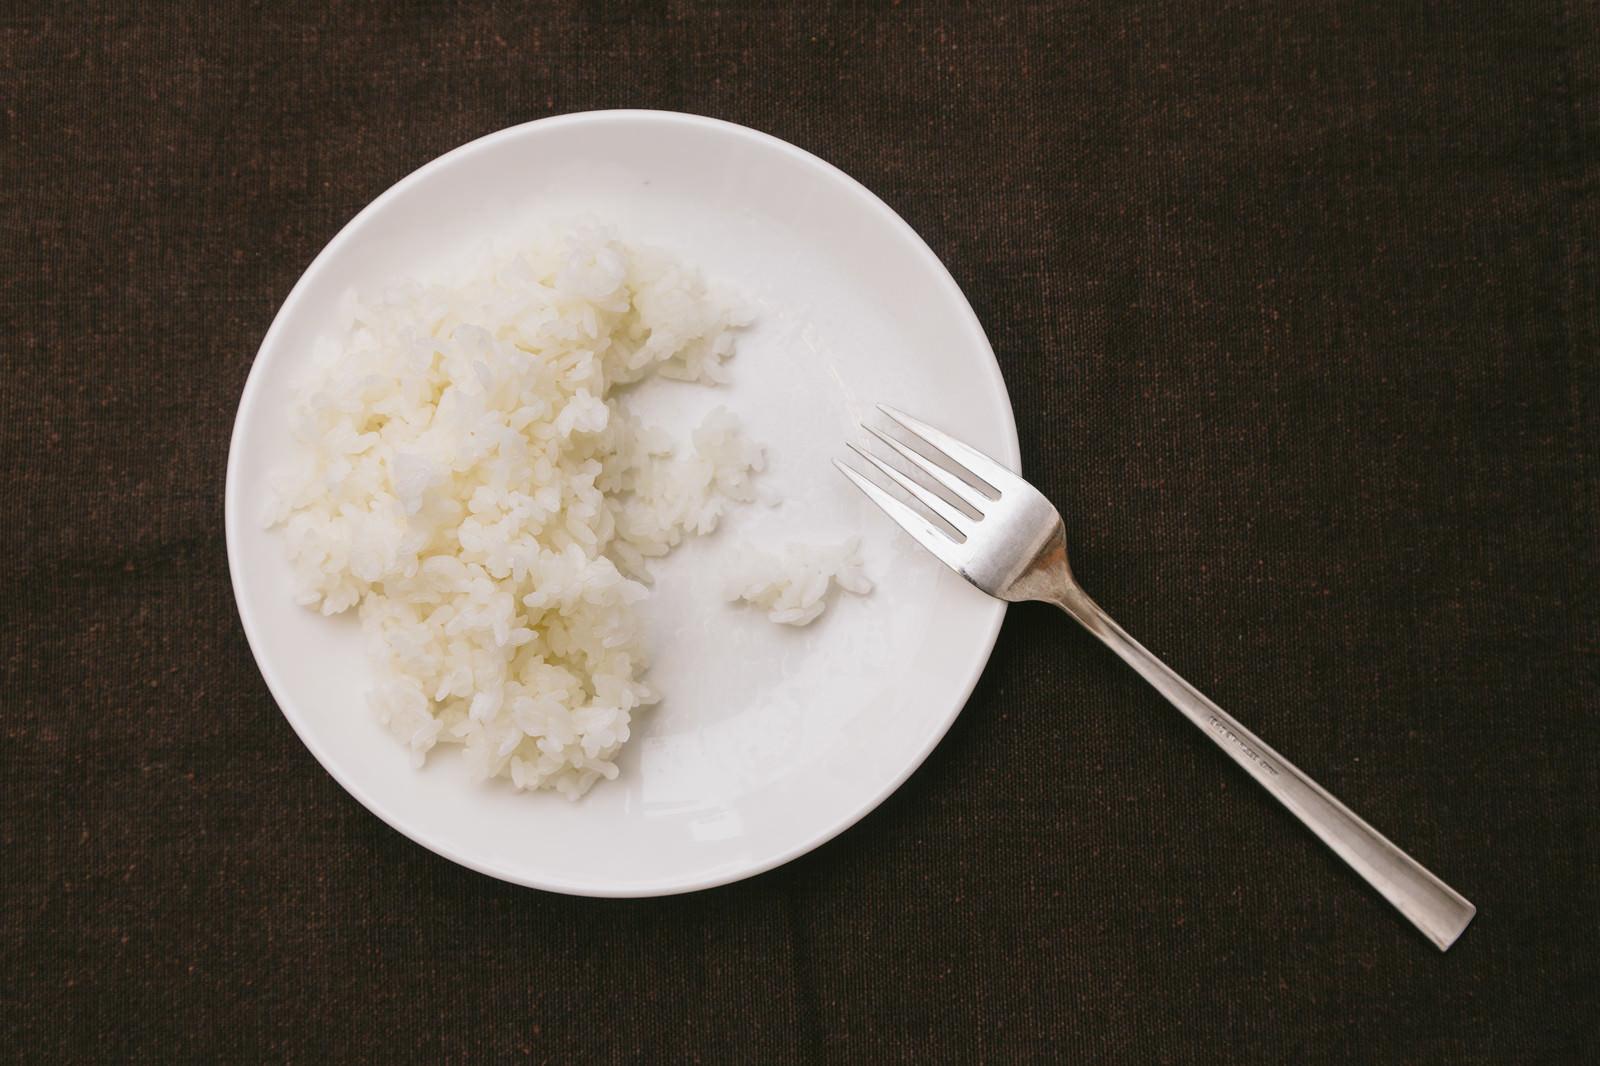 「ライス食べきれず」の写真